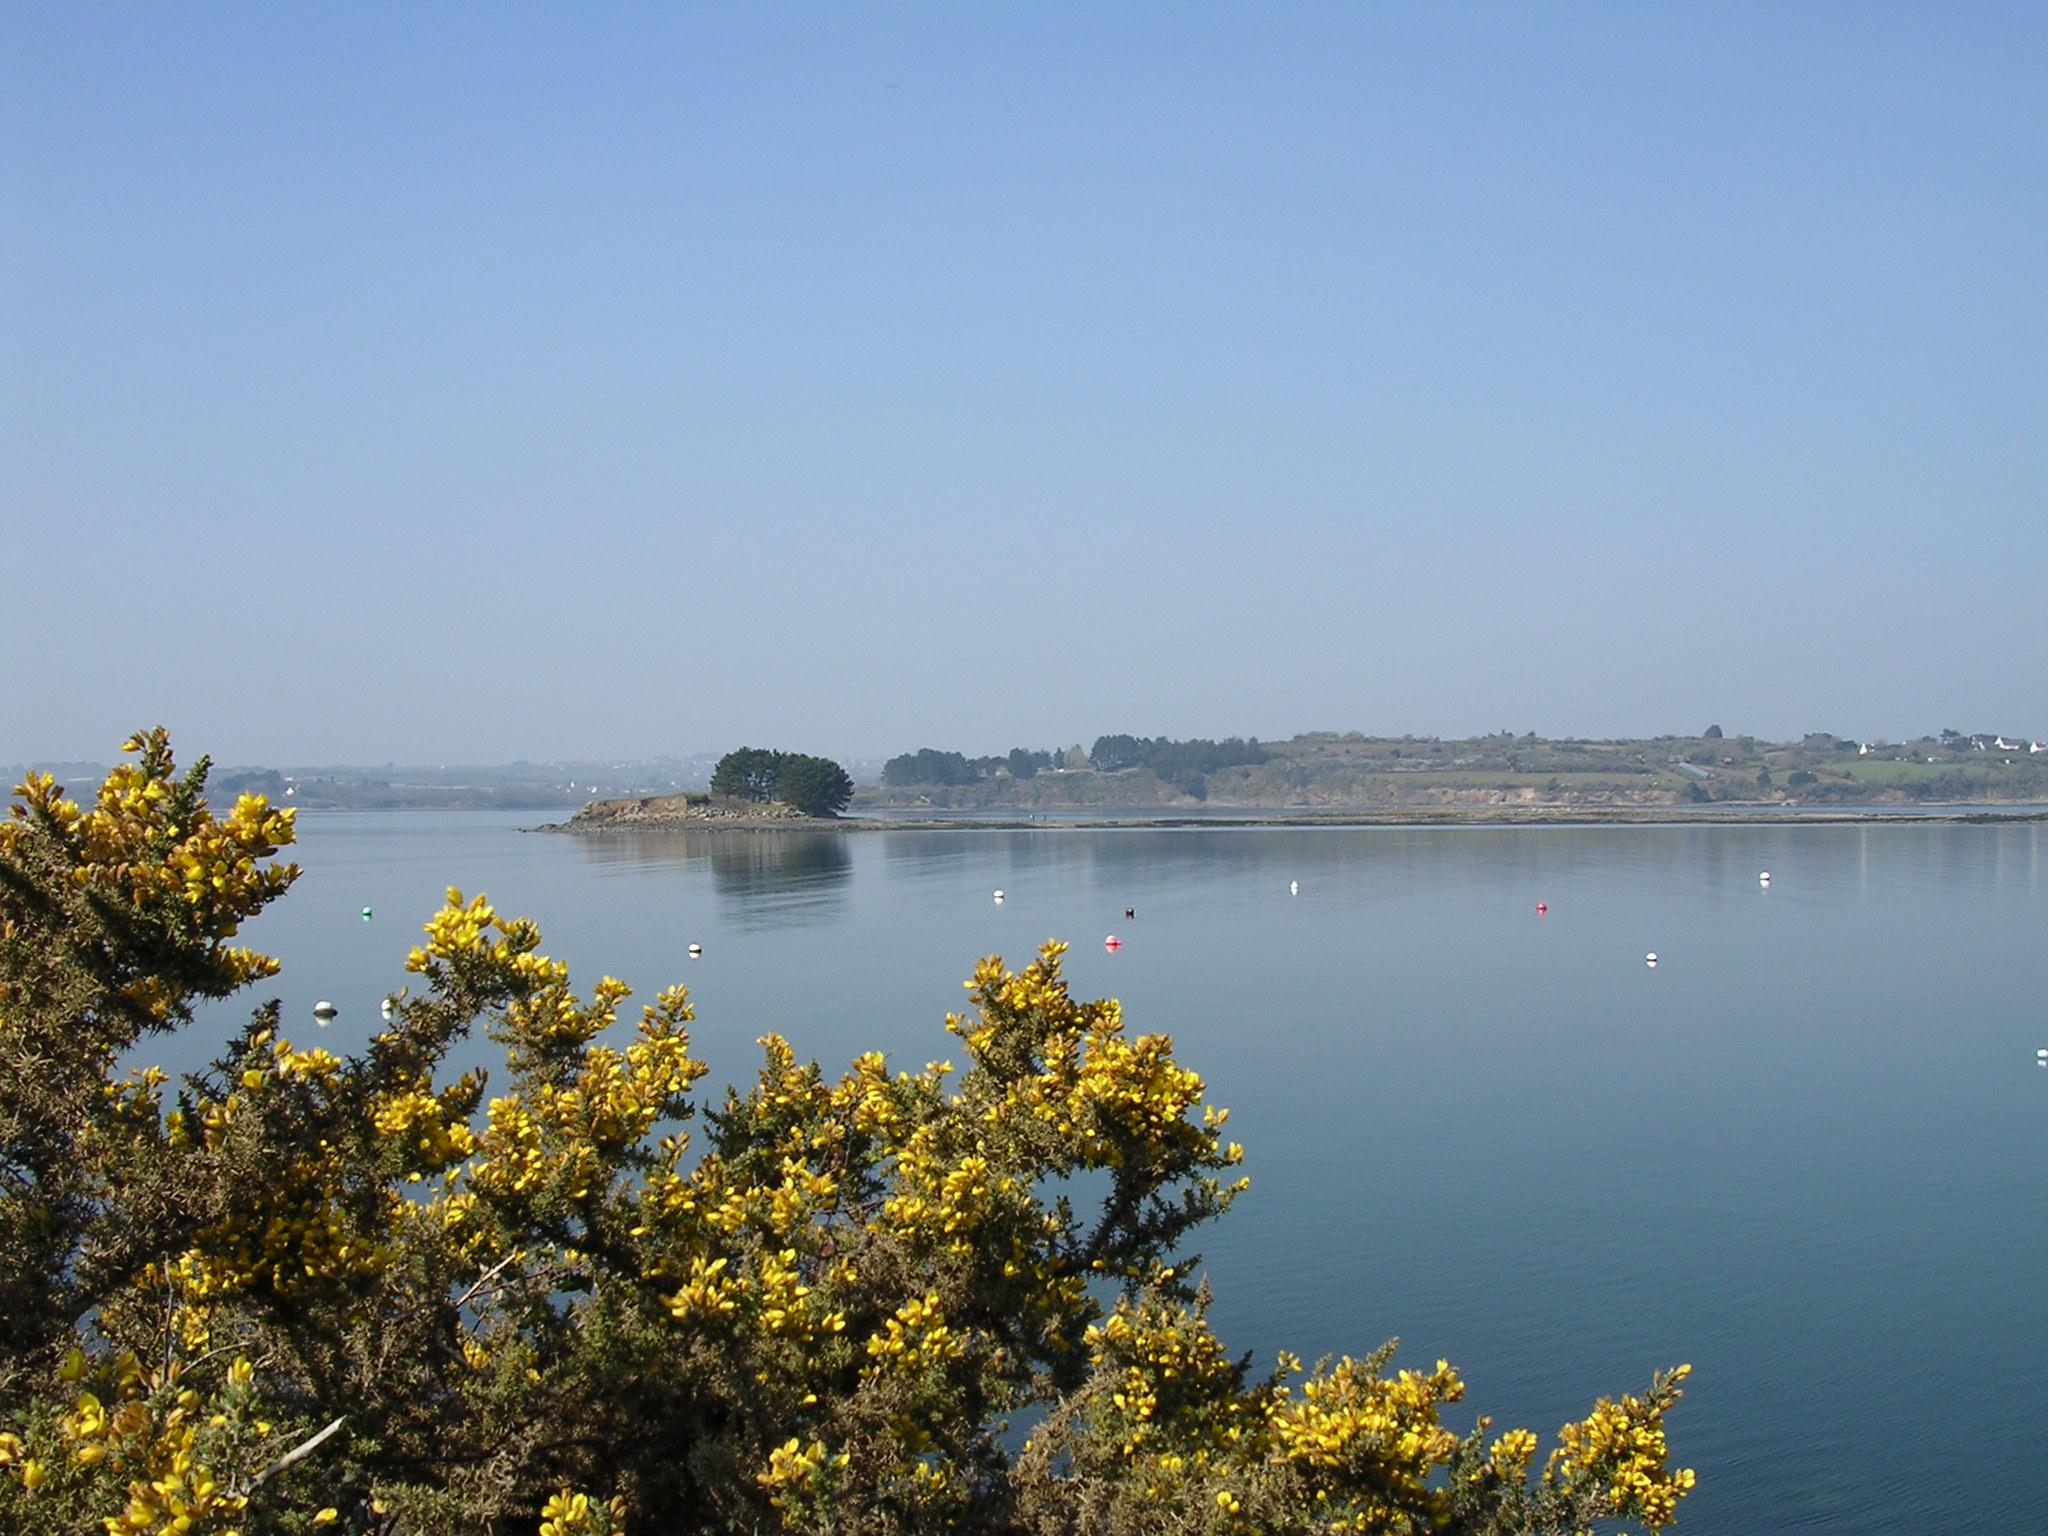 Le Finistère, la rade de Brest et presqu'ile de Crozon depuis Logonna-Daoulas